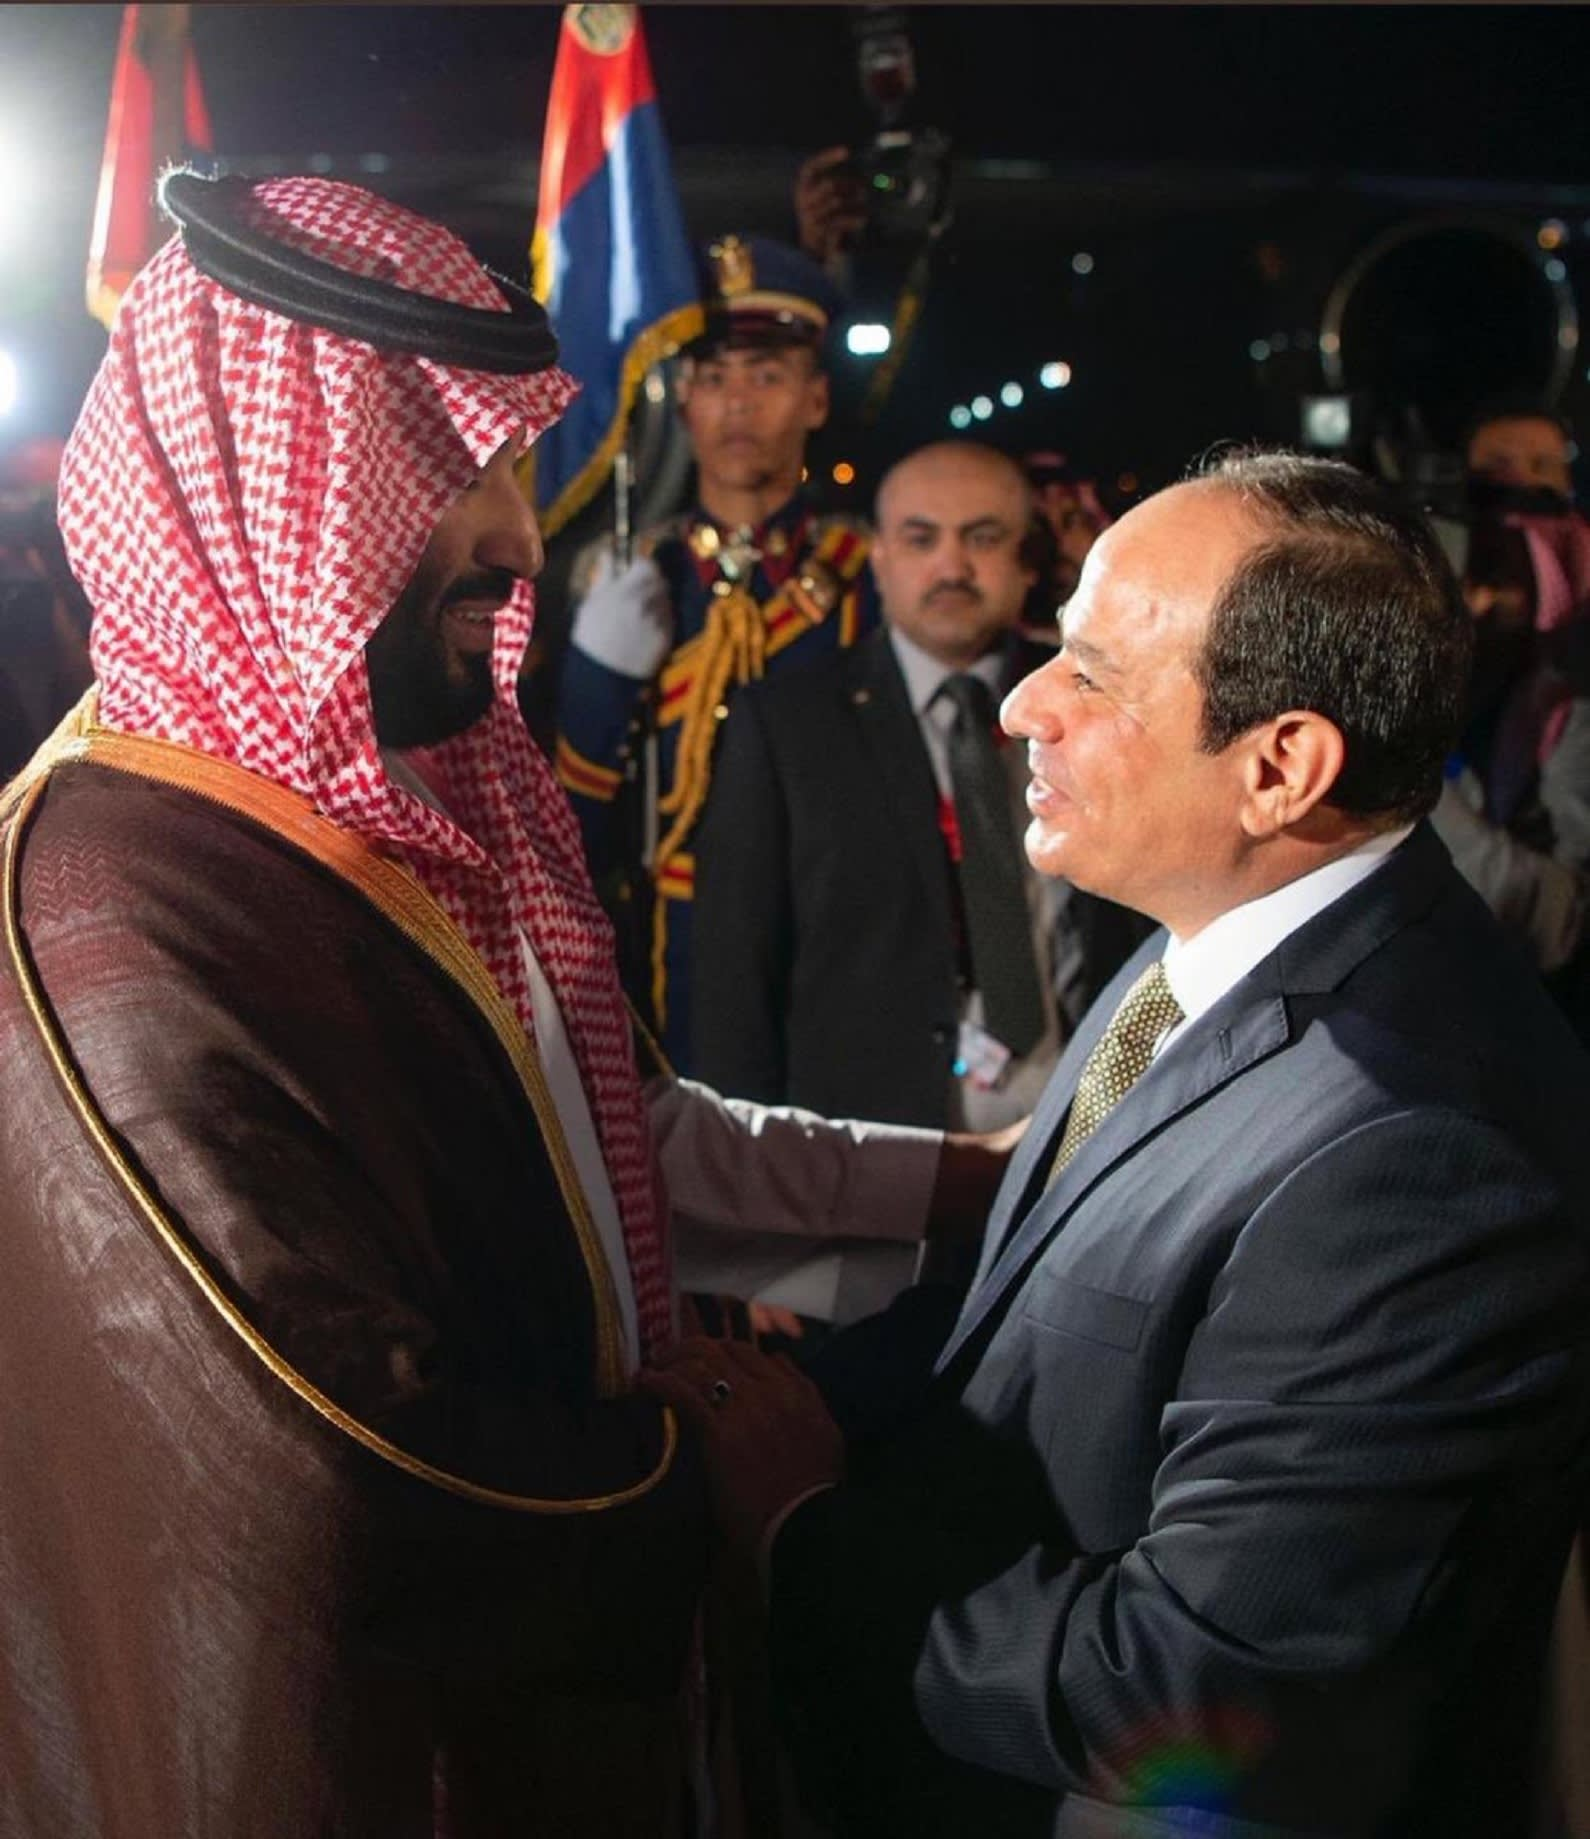 خالد بن سلمان: مستقبل علاقات مصر والسعودية سيمضي لآفاق أوسع